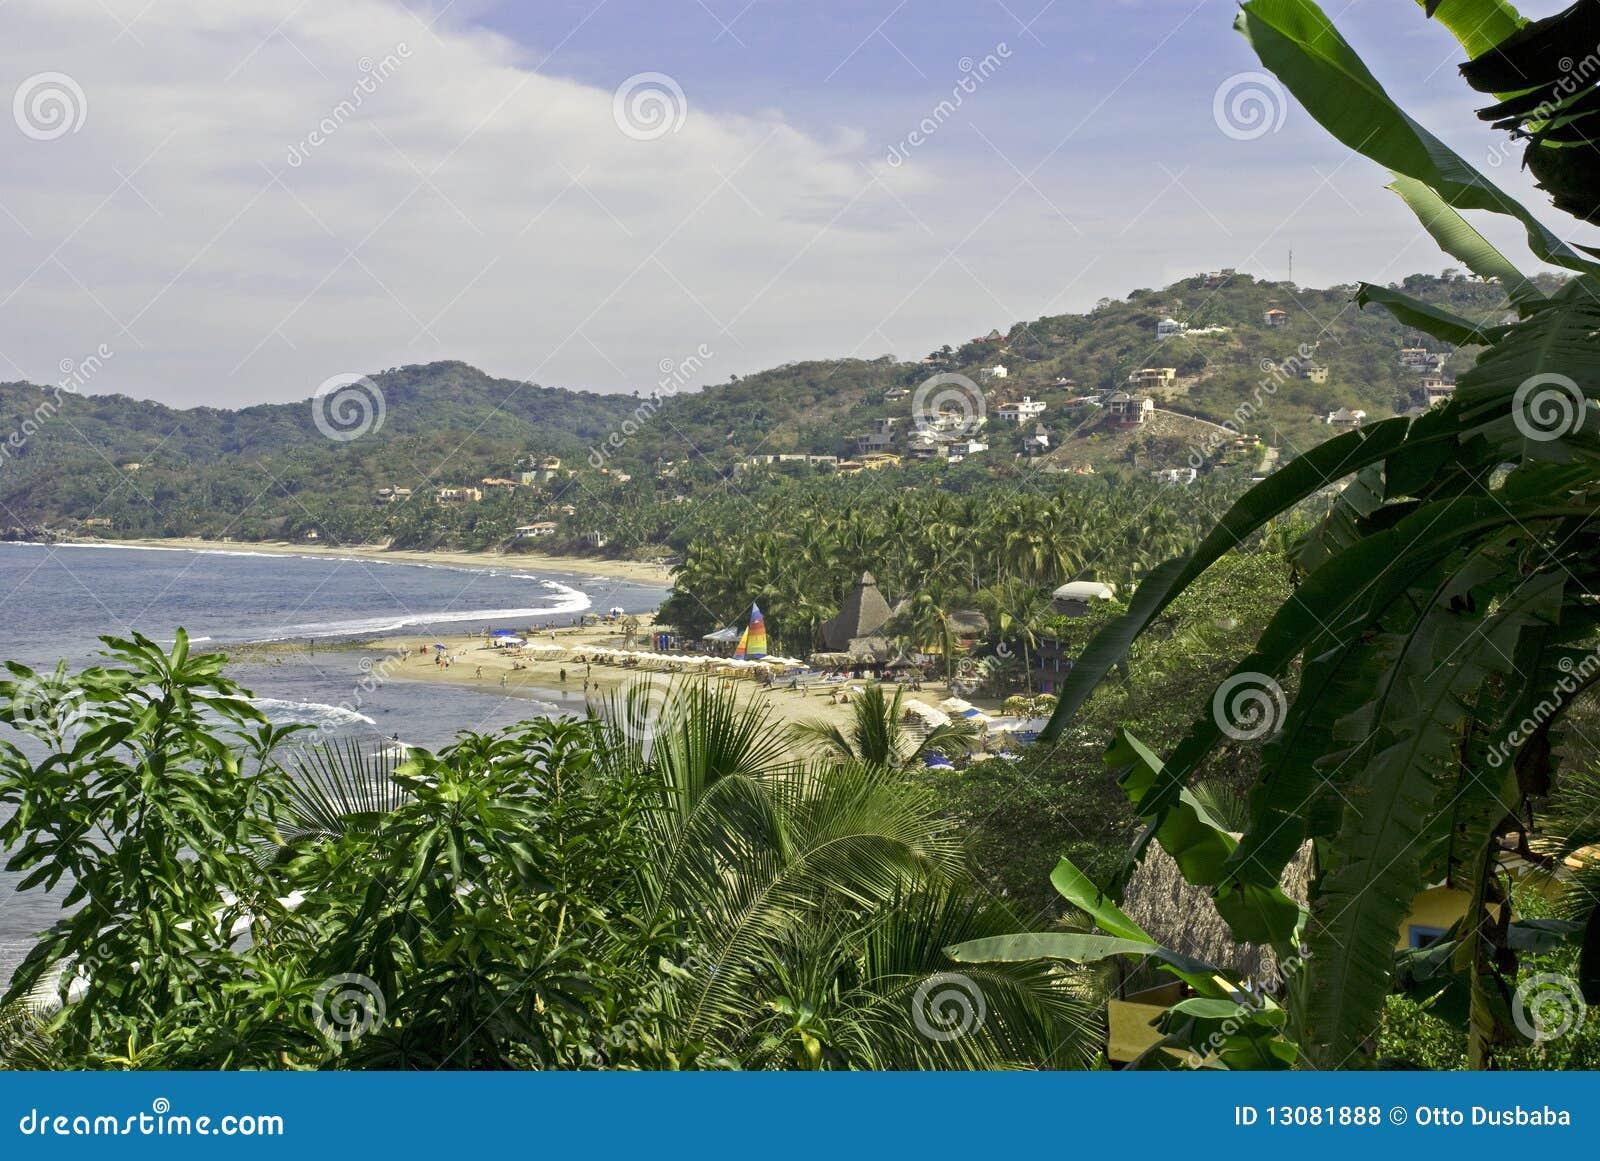 Plażowy meksykański ocean Pacific malowniczy